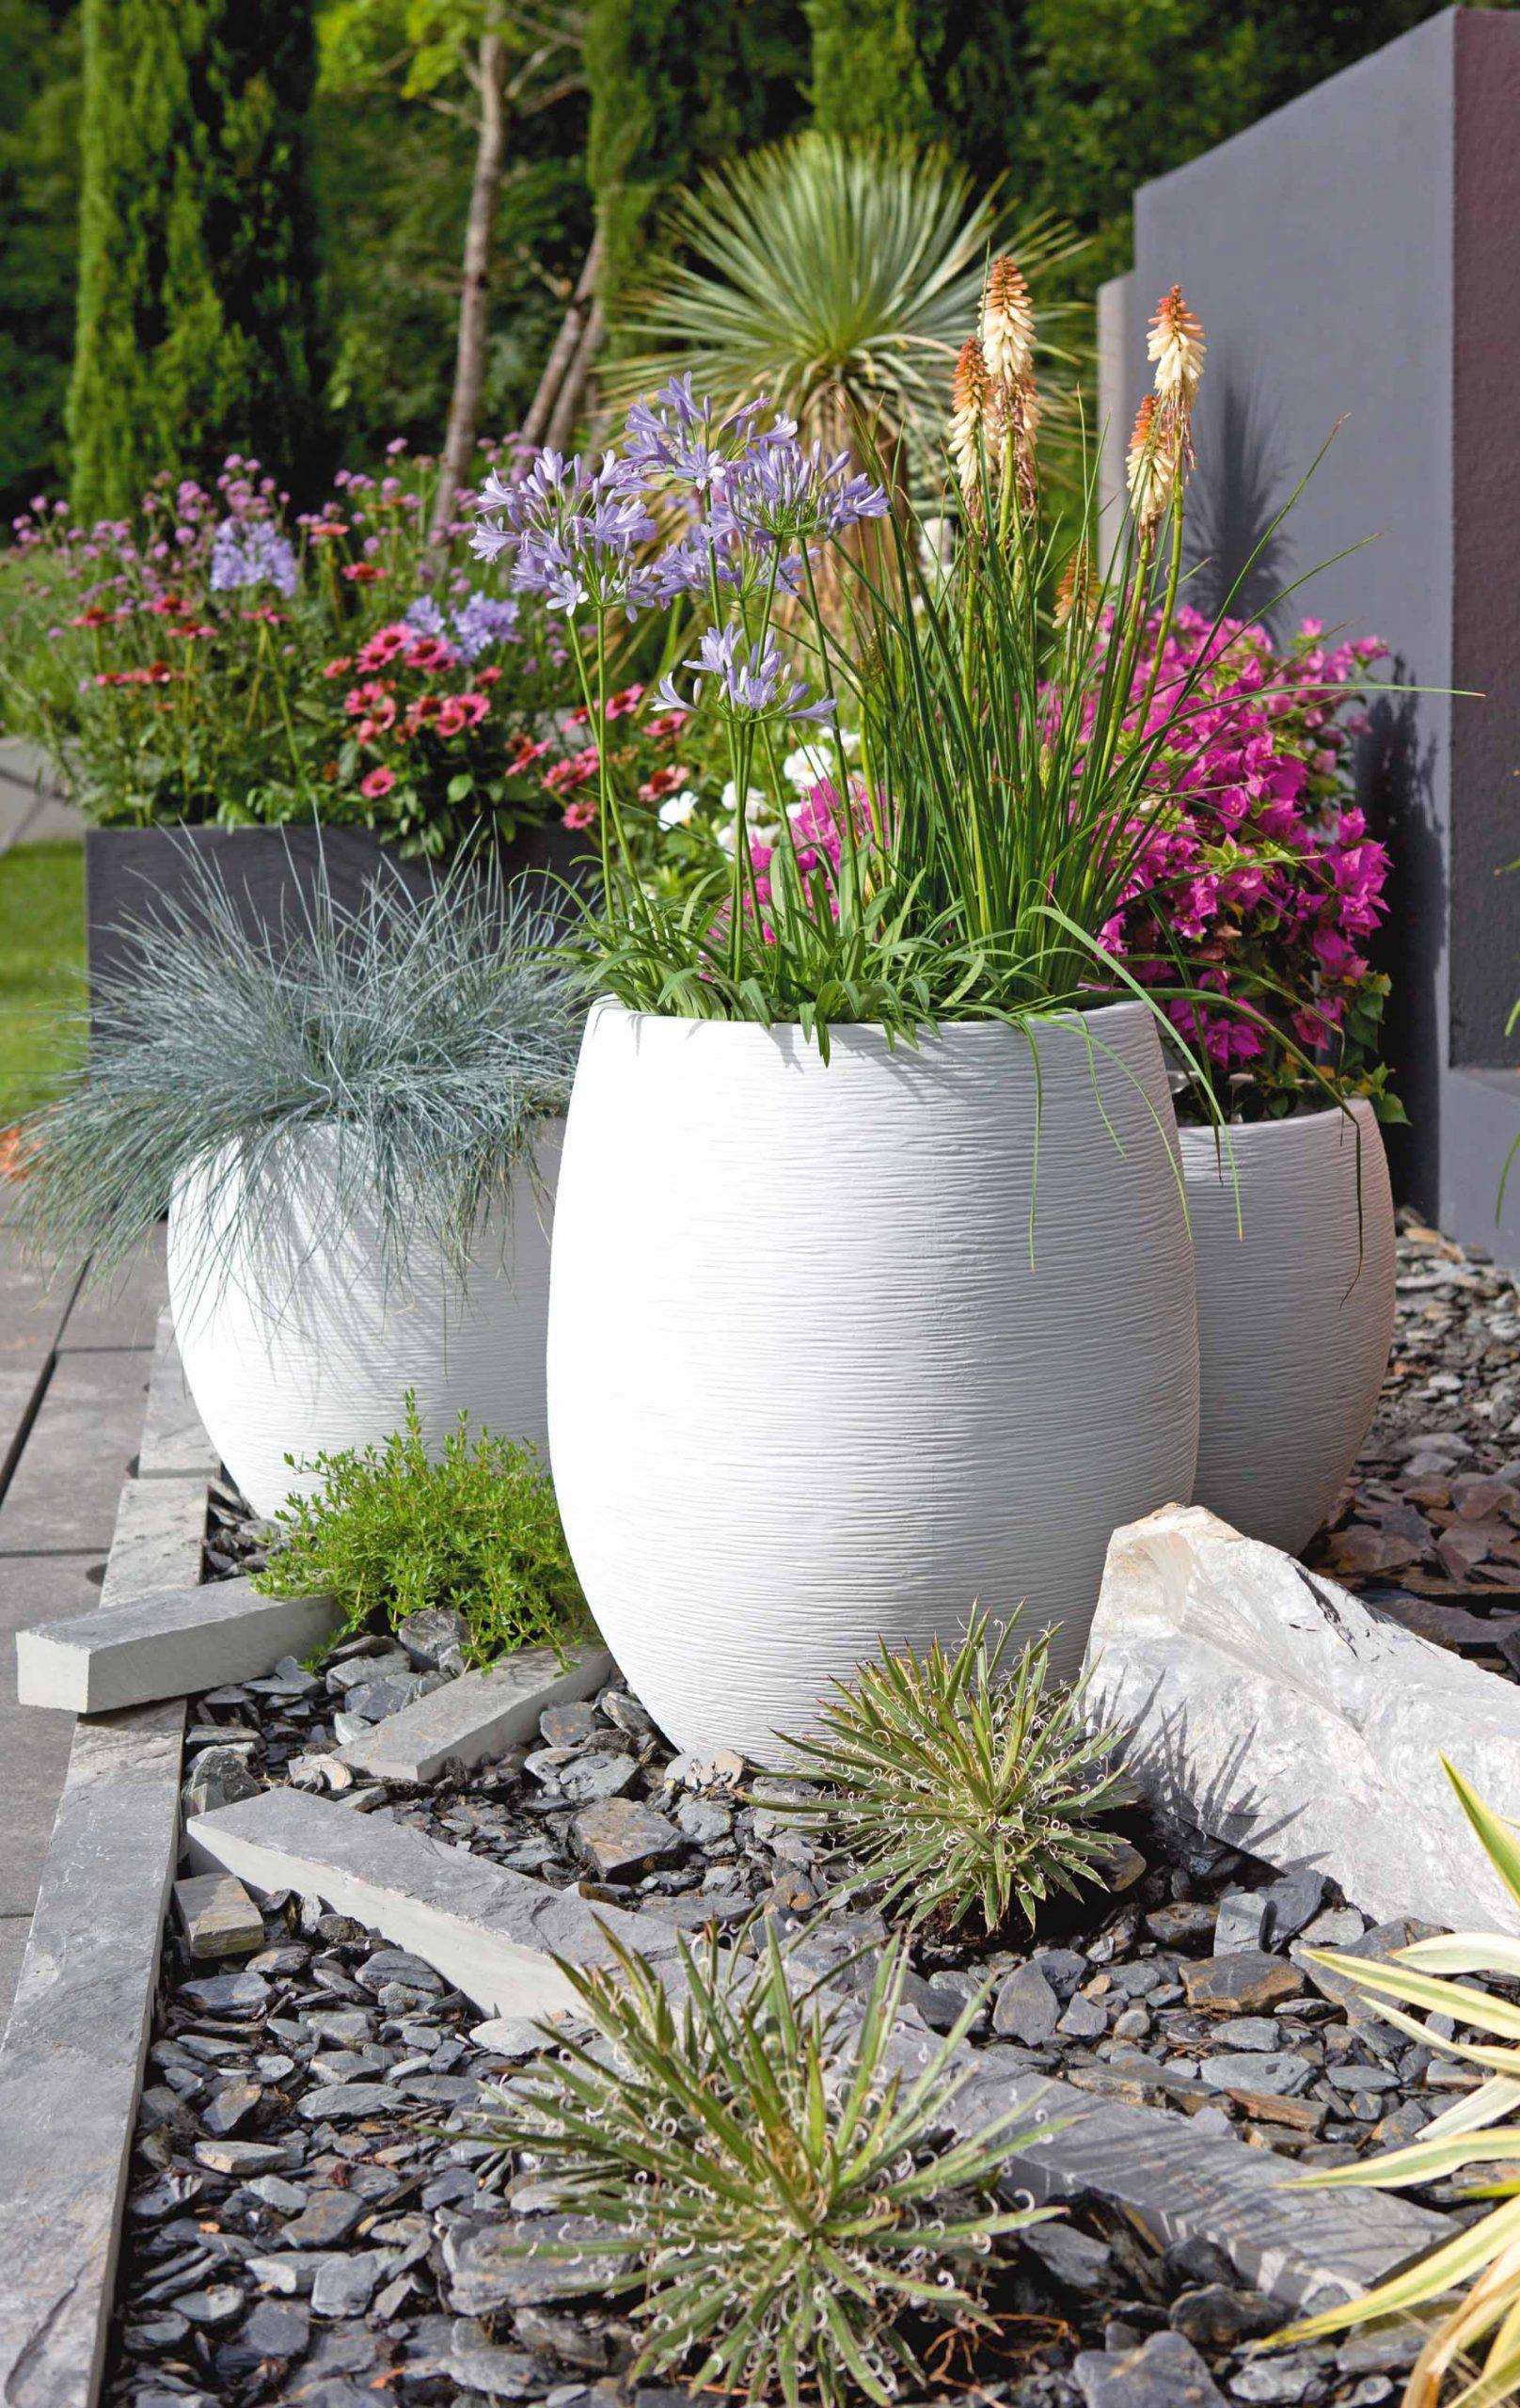 Idées De Décos Pour Le Jardin En Été avec Idée Deco Jardin